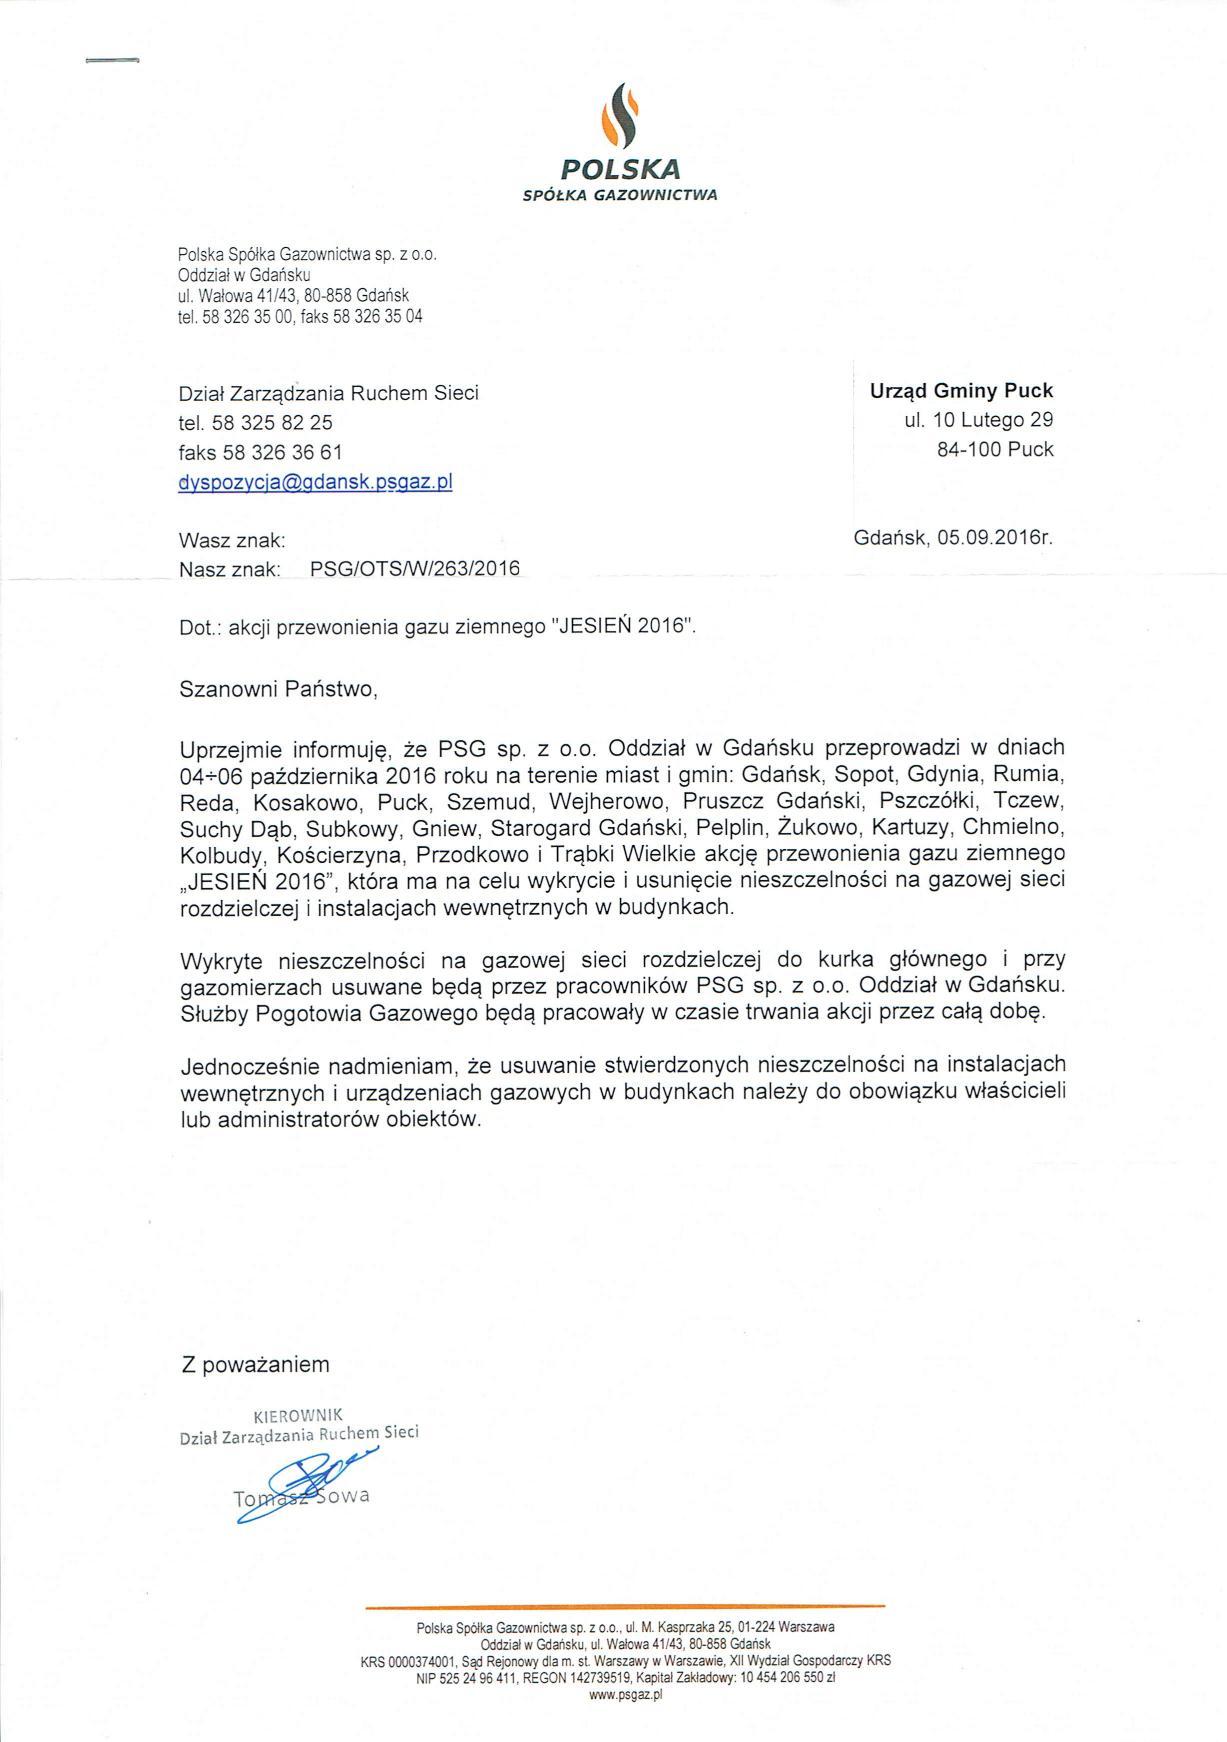 pismo-psg-dot-akcji-przewonienia-gazu-ziemnego-jesien-2016_01